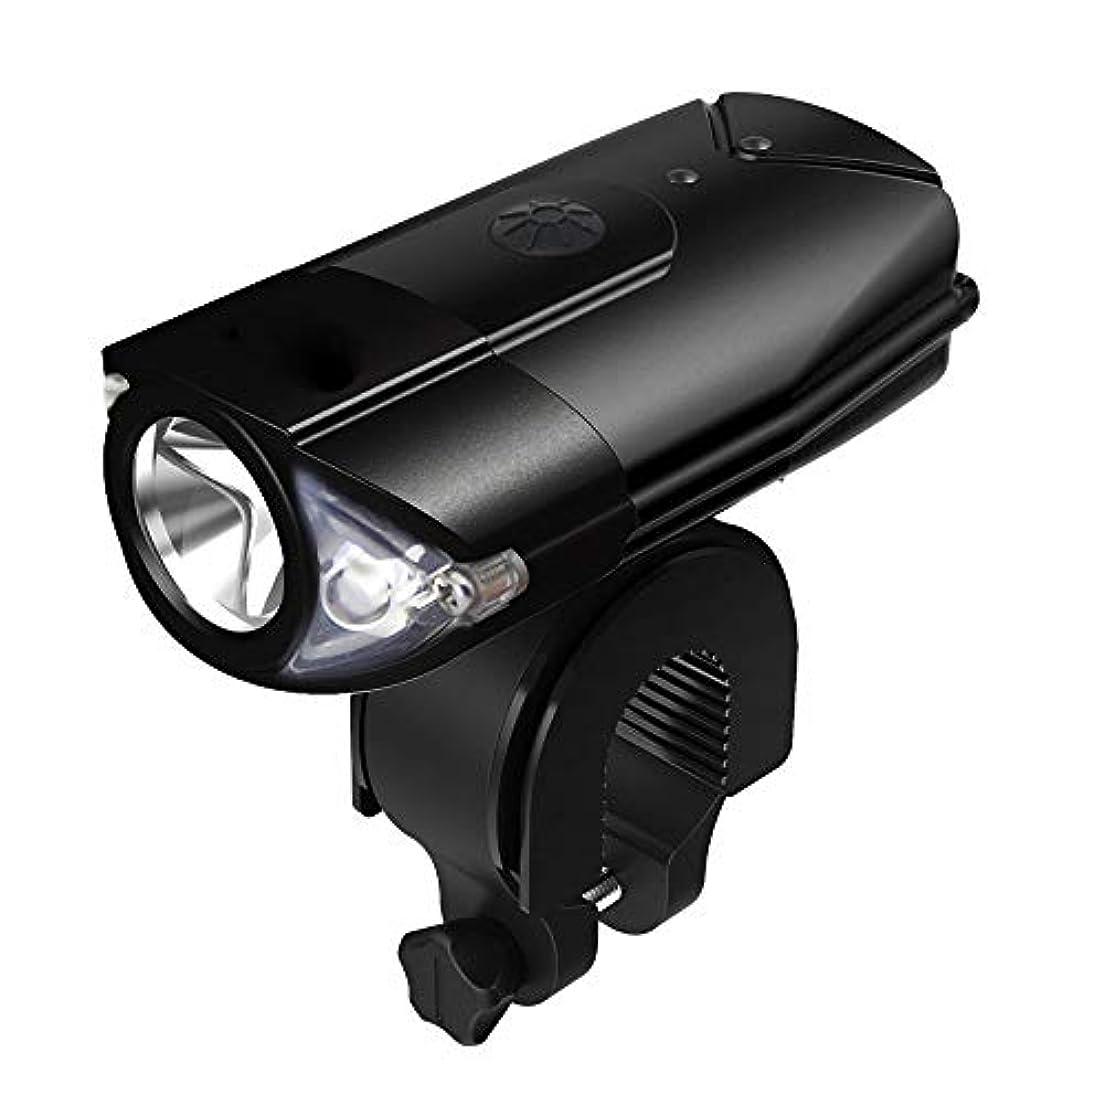 イーウェルぼかす統計KTH USB自転車ライトセット充電式、ロード&マウンテンバイク用LEDヘッドライトコンビネーション、